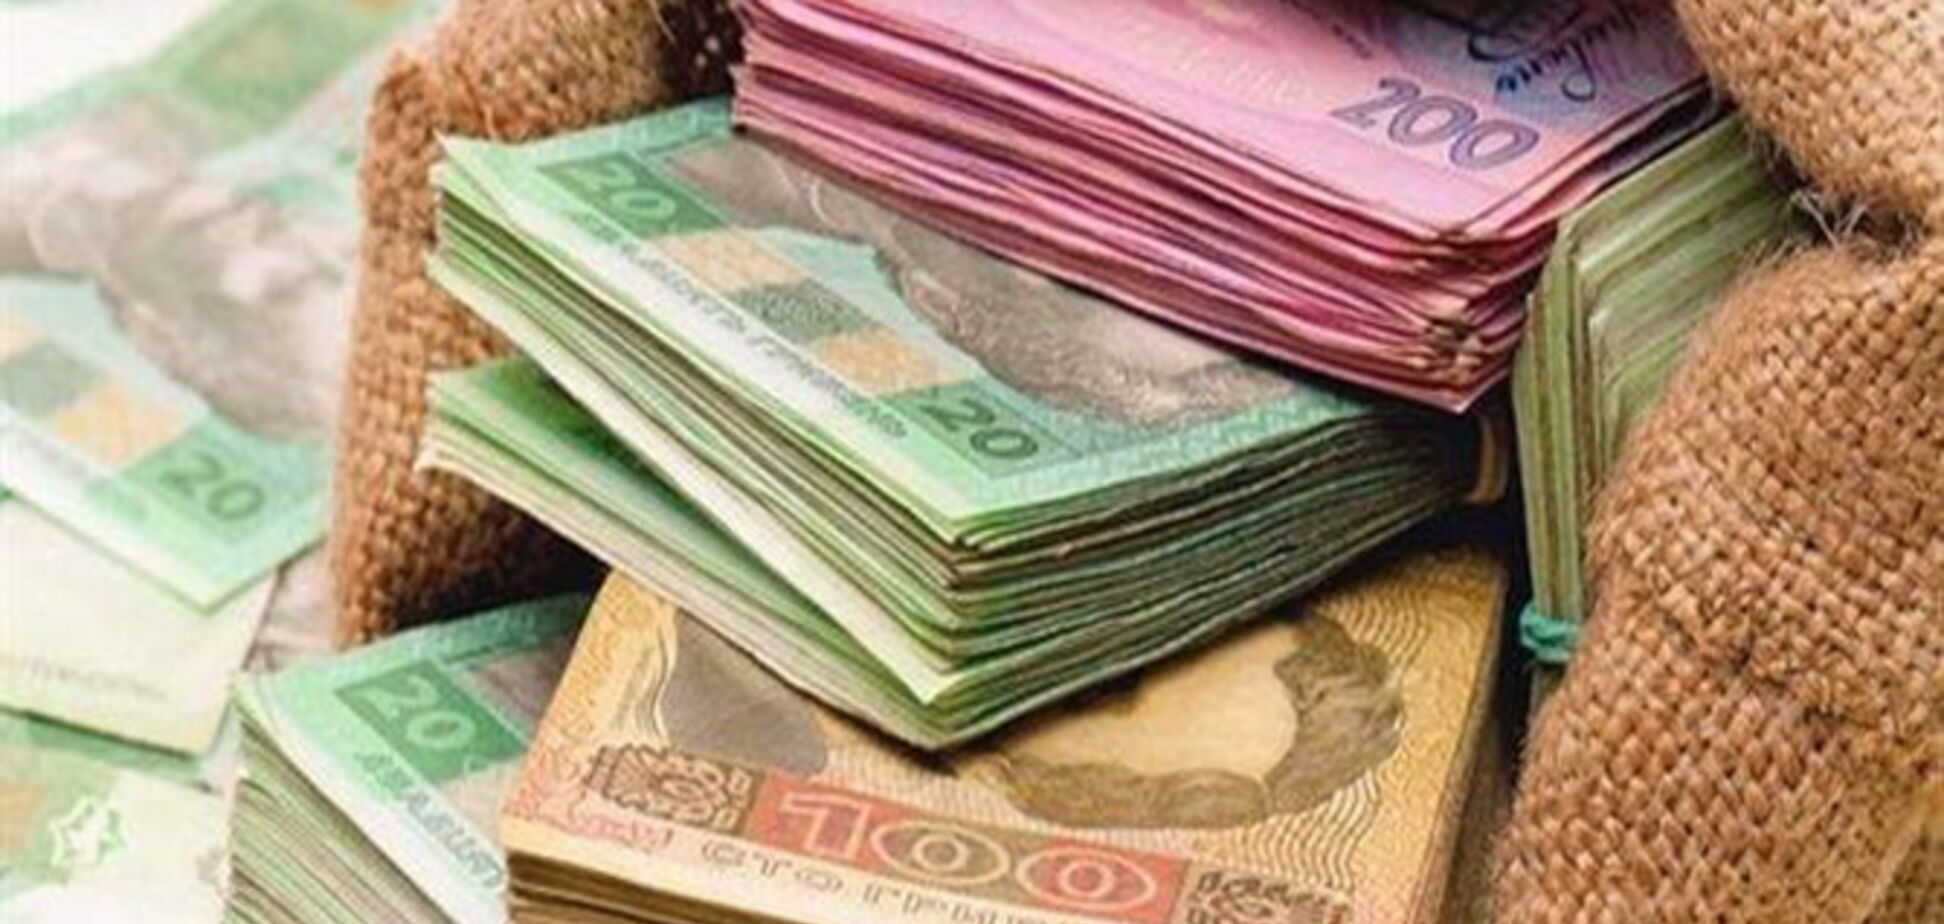 Украинцам через месяц повысят соцстандарты и пенсии: кто получит больше